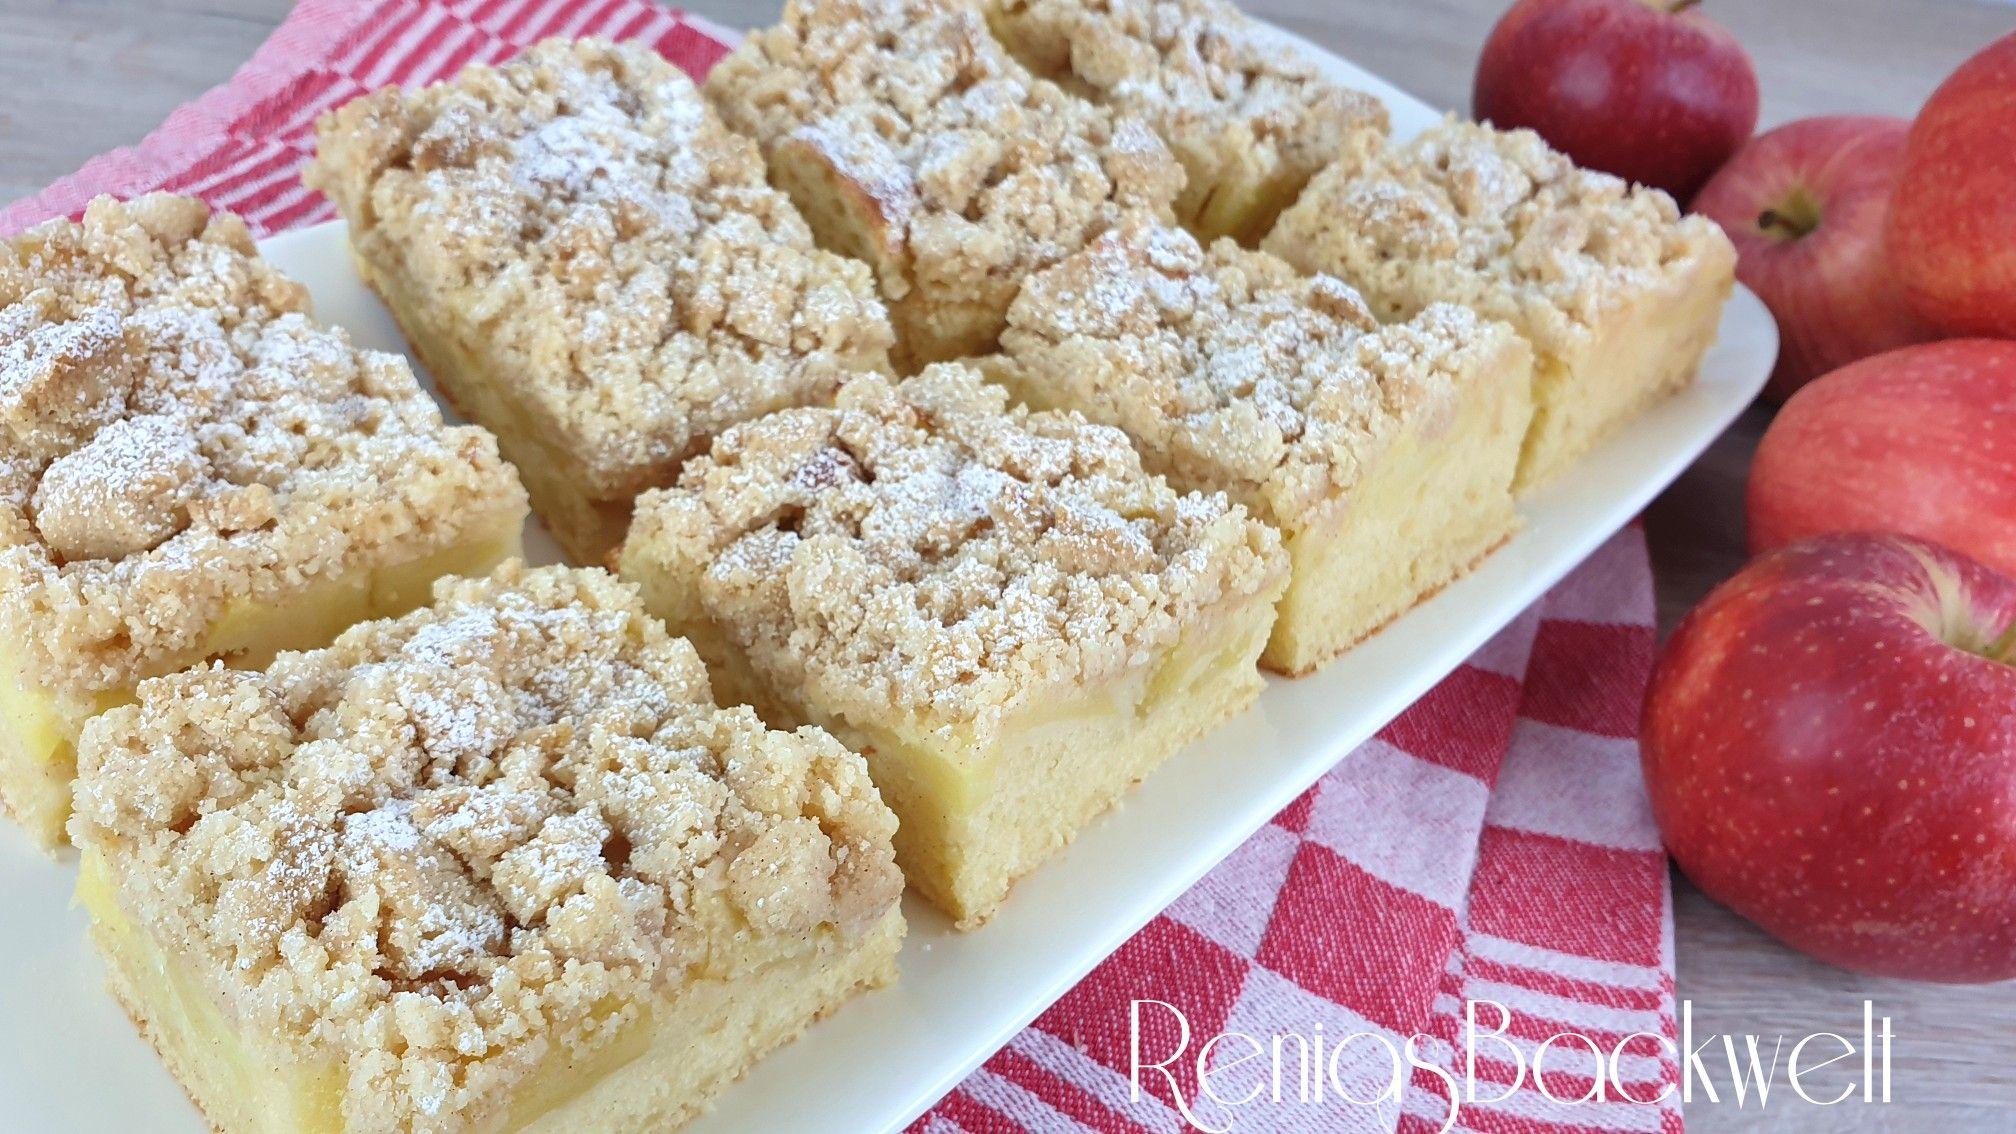 Saftiger Apfelkuchen Vom Blech Einfach Schnell Lecker Apfelblechkuchen Mit Streusel Apfelkuchen Rezept Mit Streusel Apfelblechkuchen